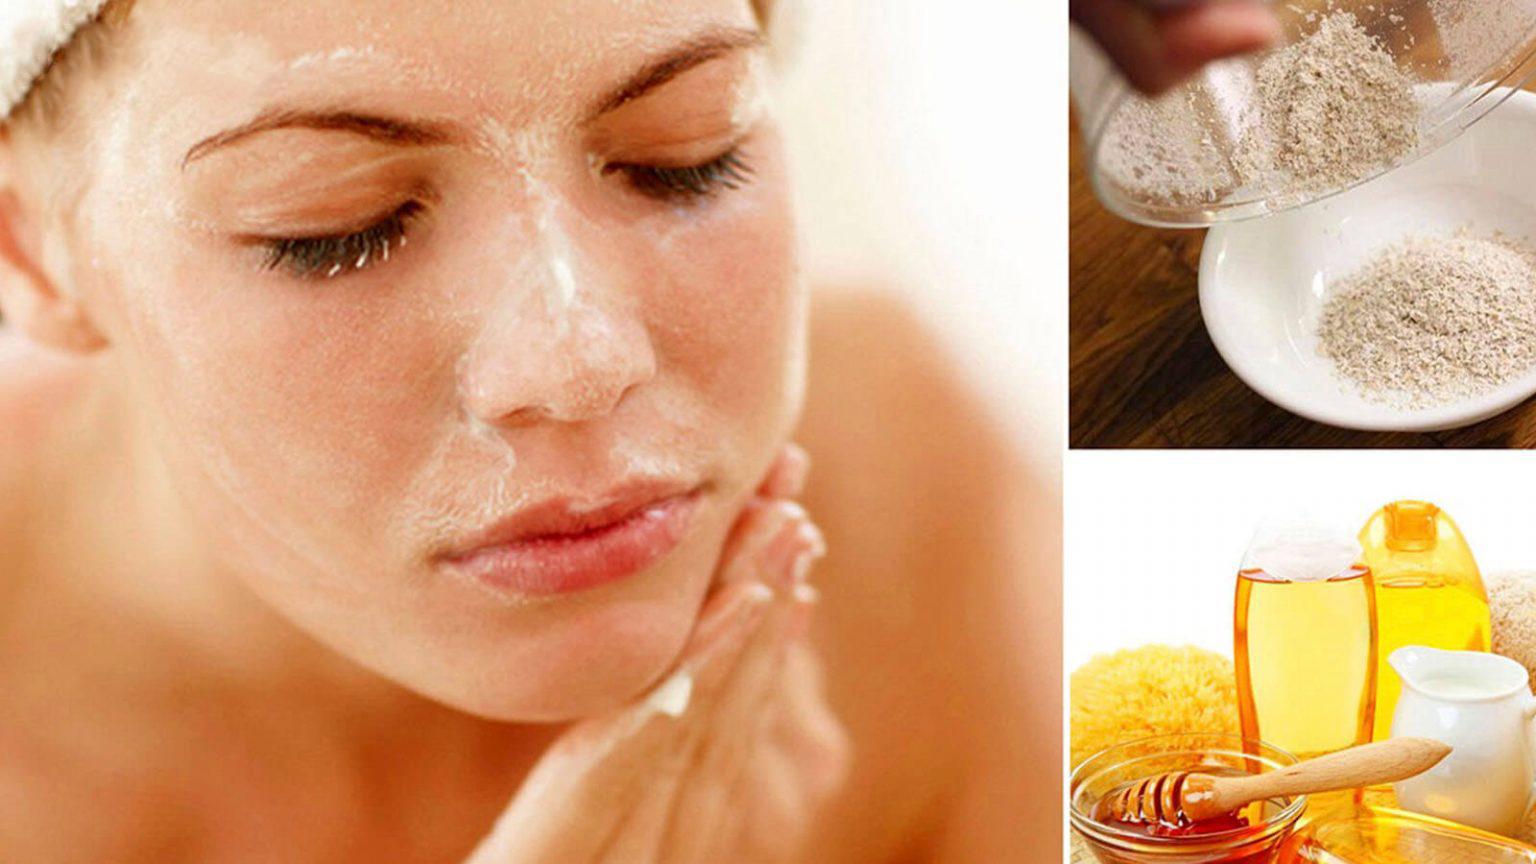 Bạn có thể tẩy da chết tại nhà bằng những nguyên liệu tự nhiên